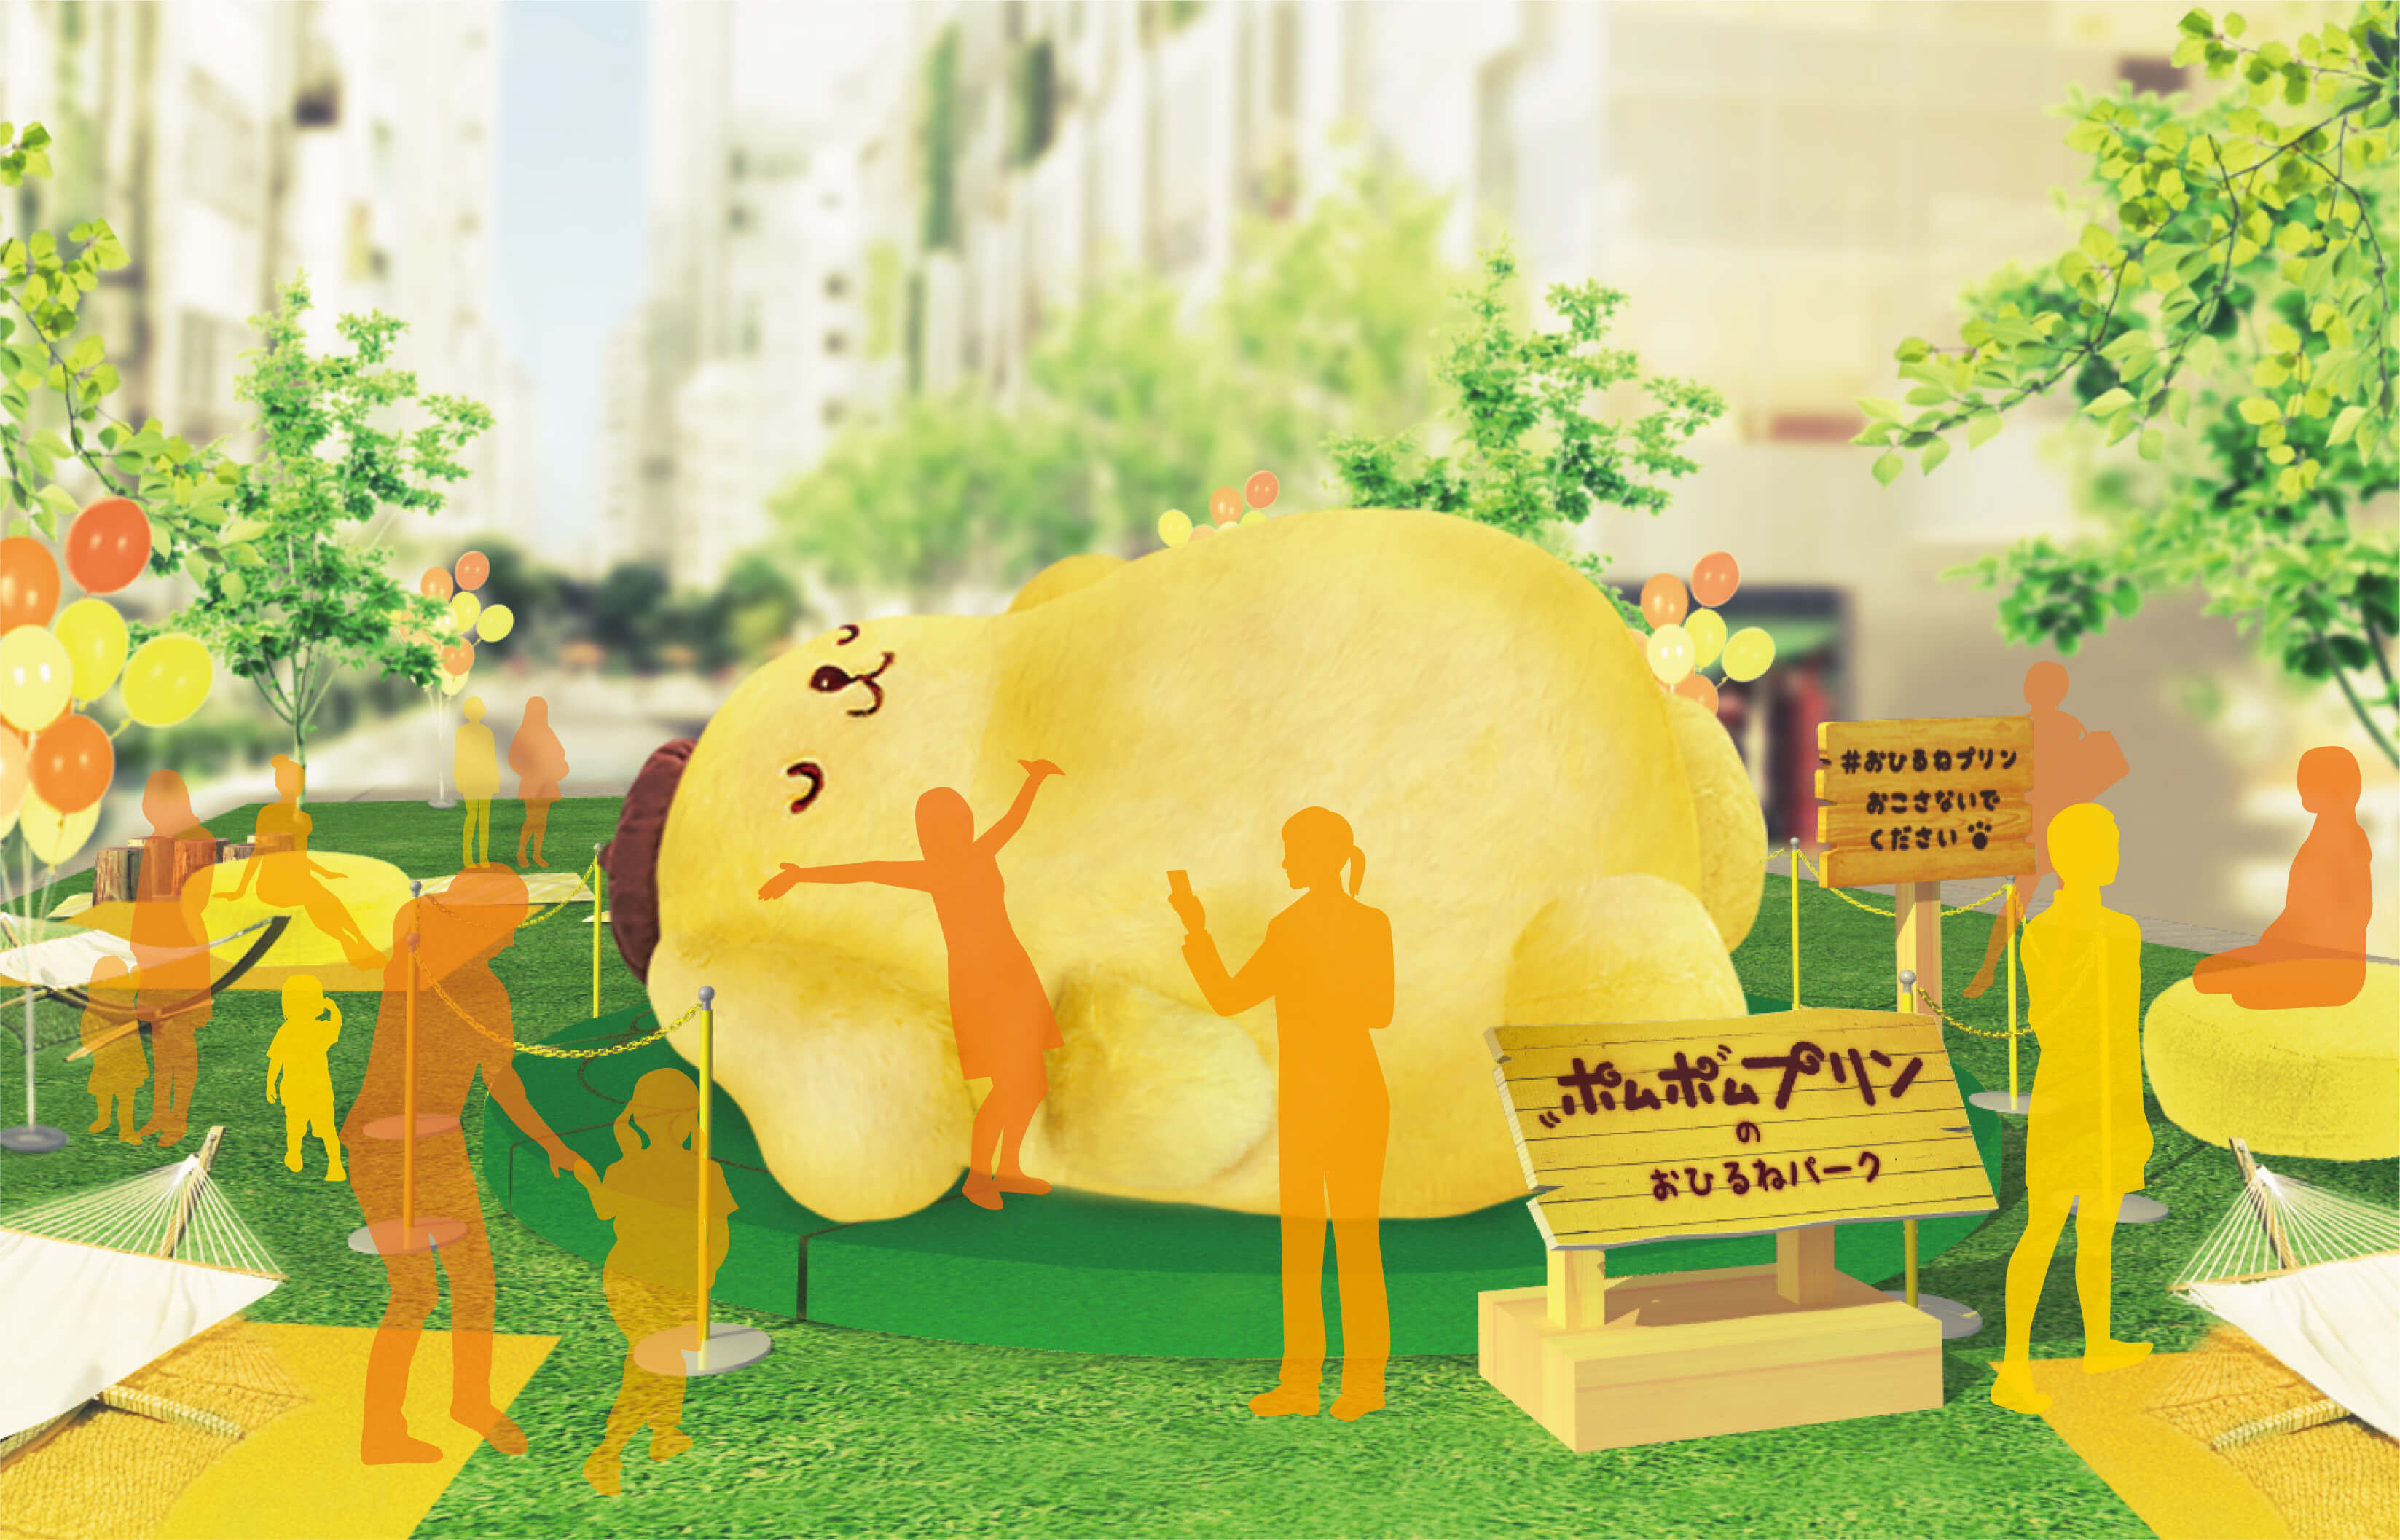 全長4公尺!超巨大的布丁狗在澀谷中野「布丁狗午安公園」登場! 布丁狗、澀谷、東京